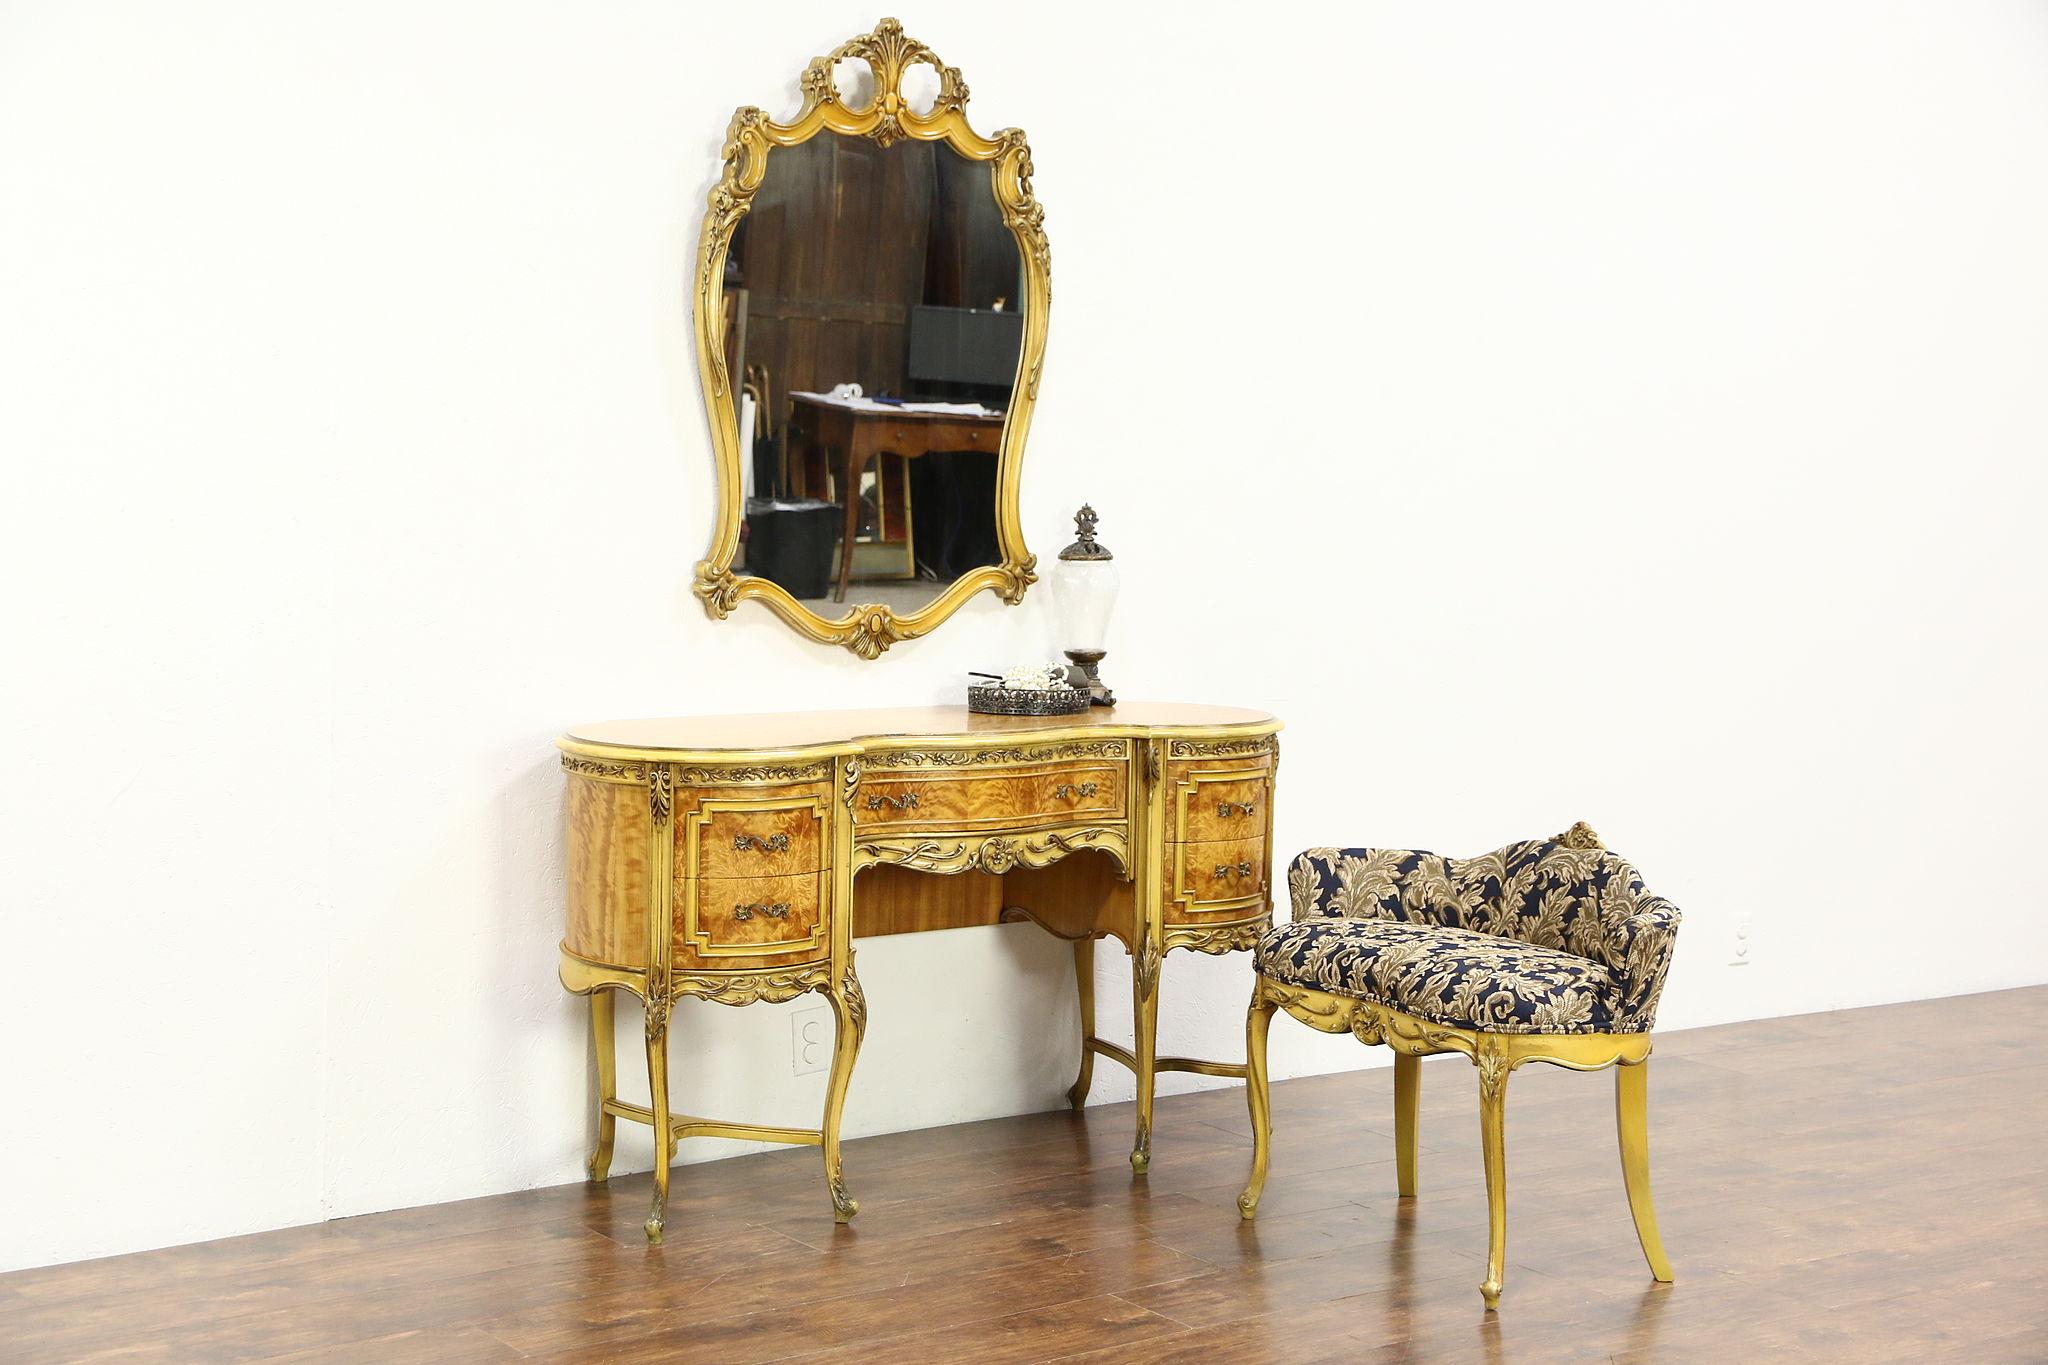 Satinwood U0026 Hand Painted 1940 Vintage Dressing Table Or Vanity, Mirror U0026  Bench